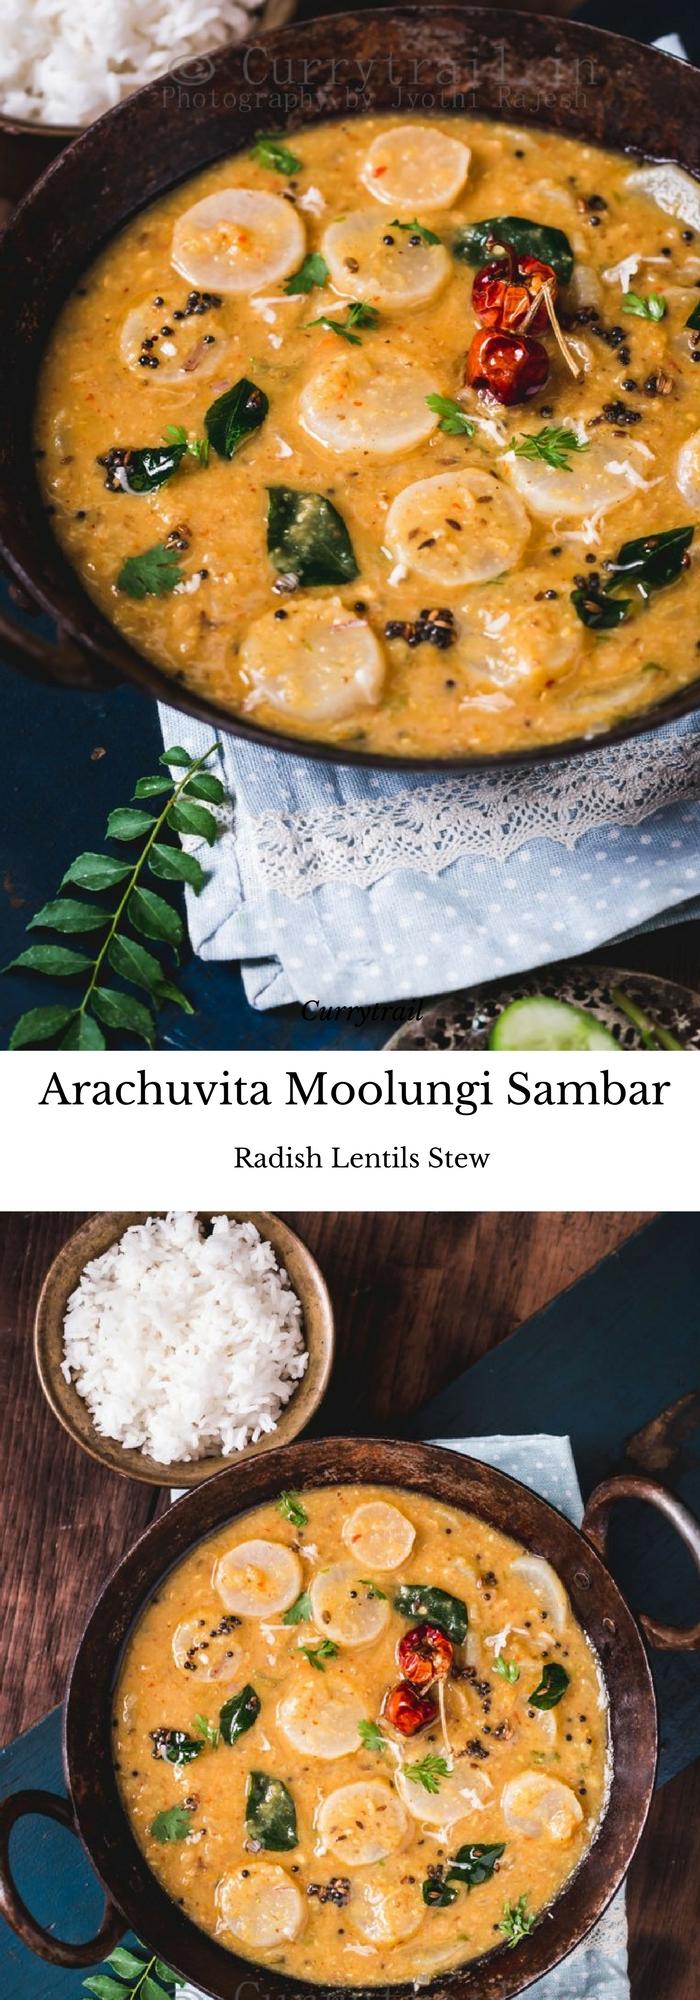 Arachuvita Moolungi Sambar